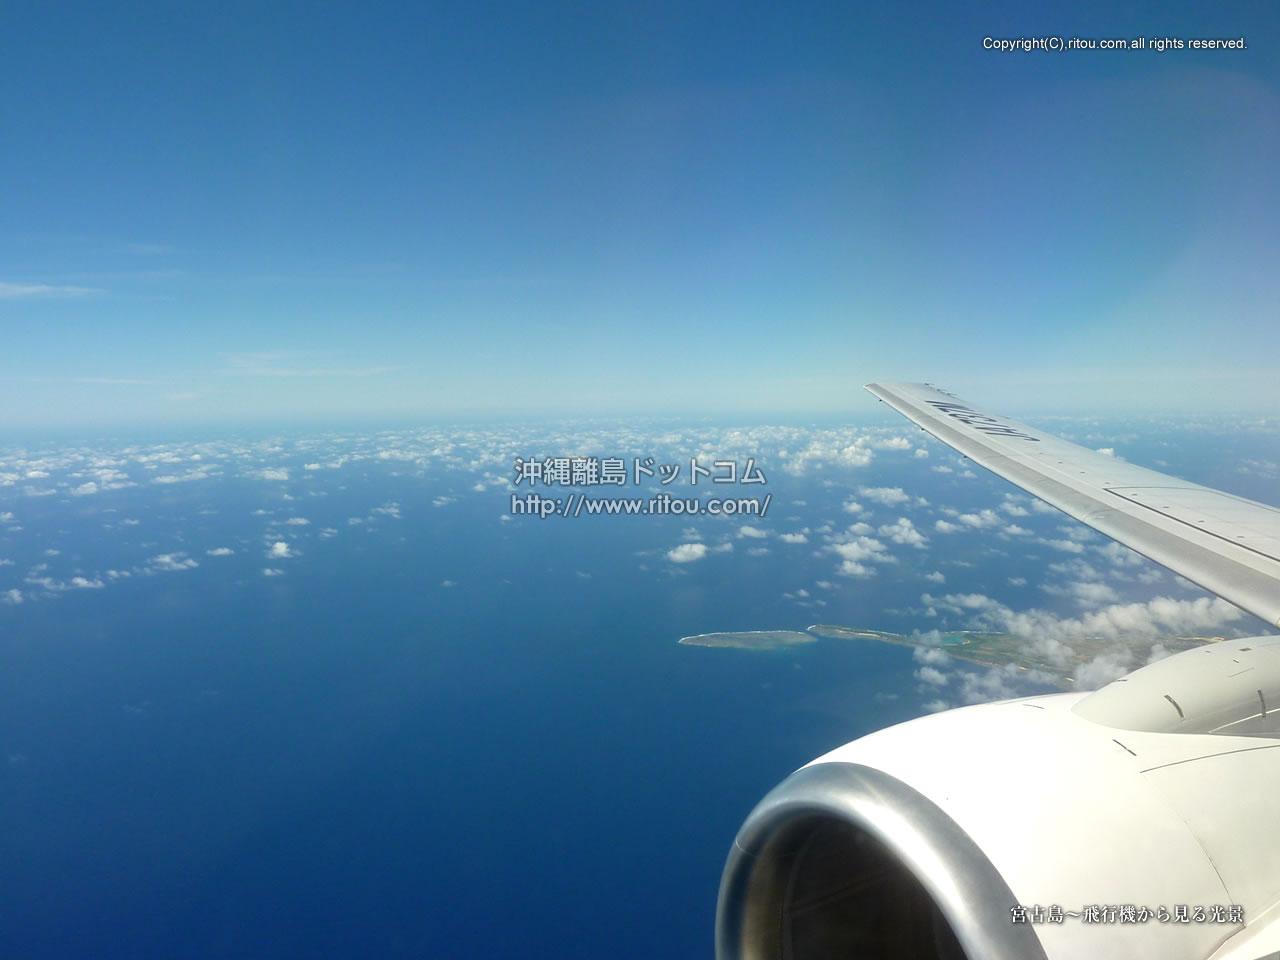 宮古島〜飛行機から見る光景